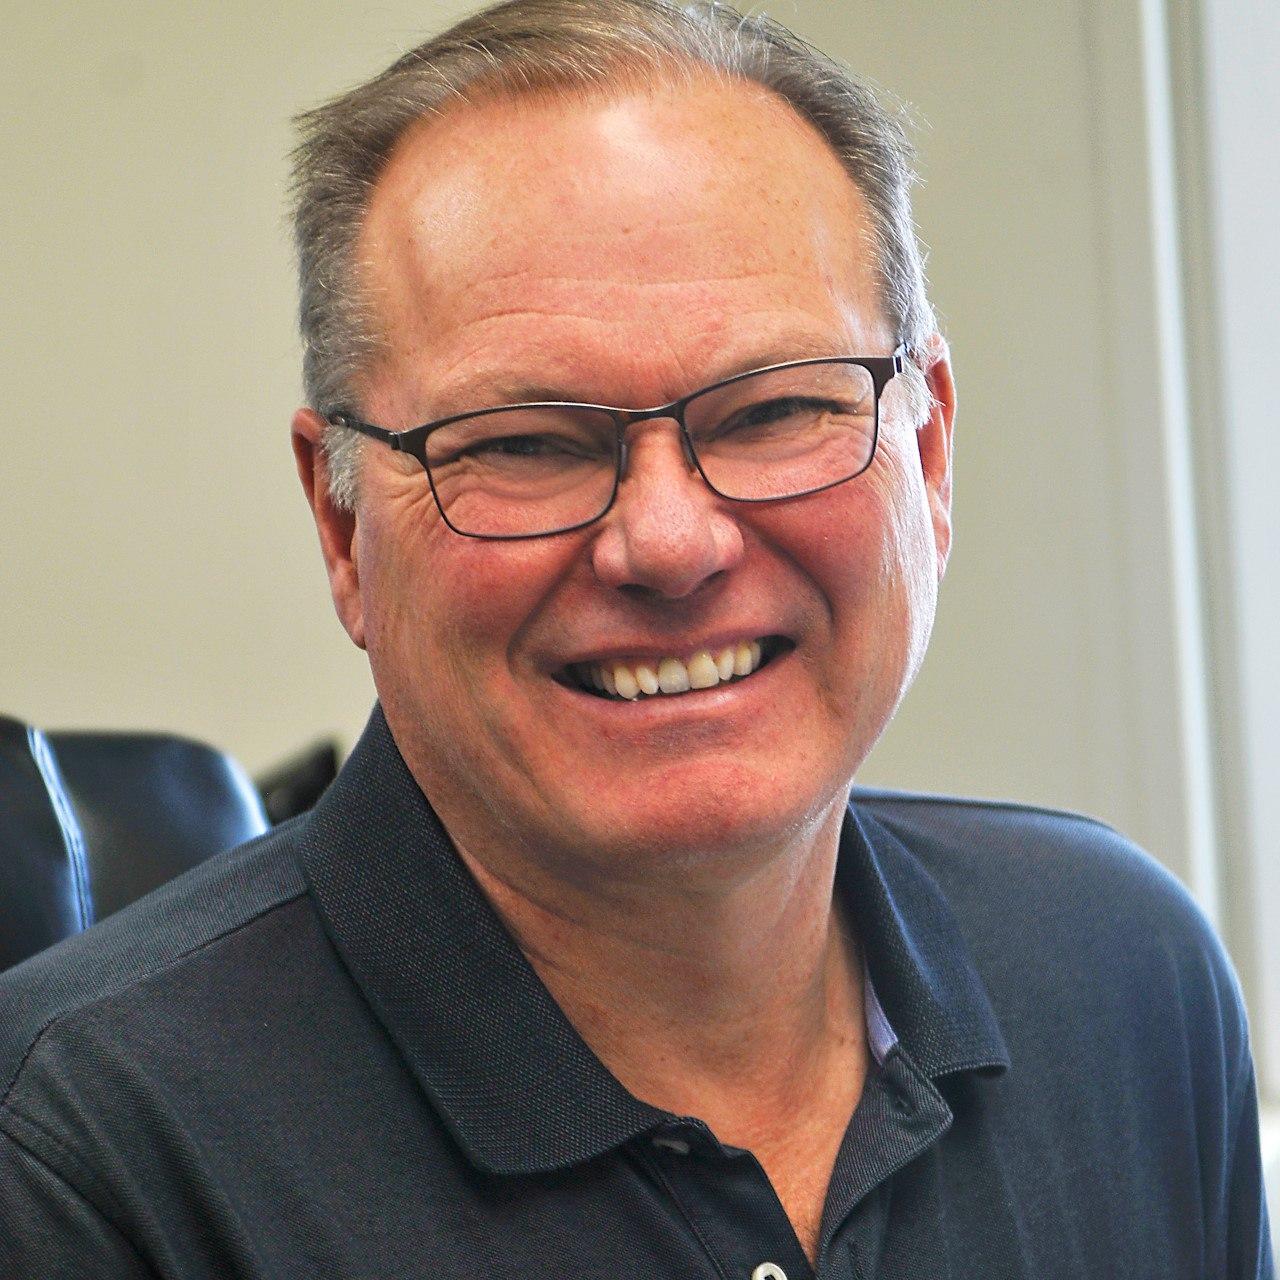 KPH new member Ralph Agner headshot